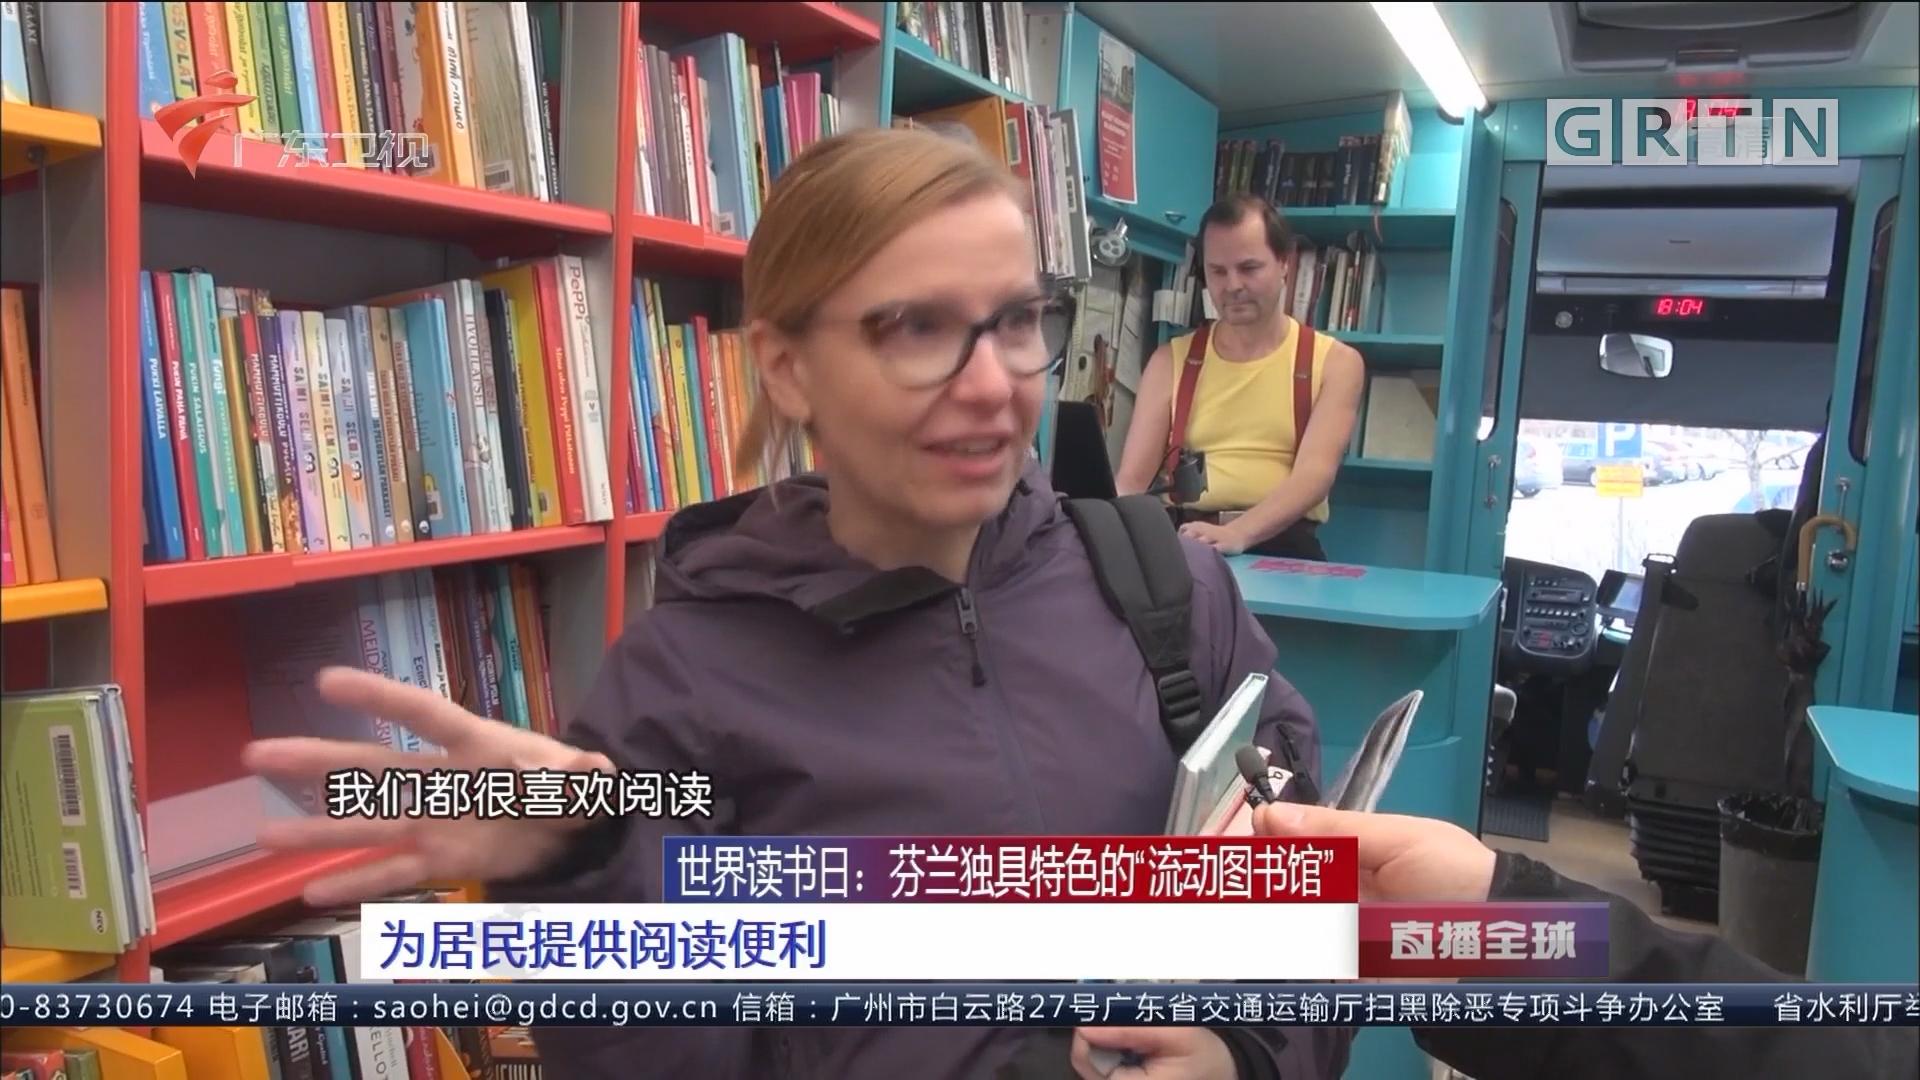 """世界读书日:芬兰独具特色的""""流动图书馆""""为居民提供阅读便利"""